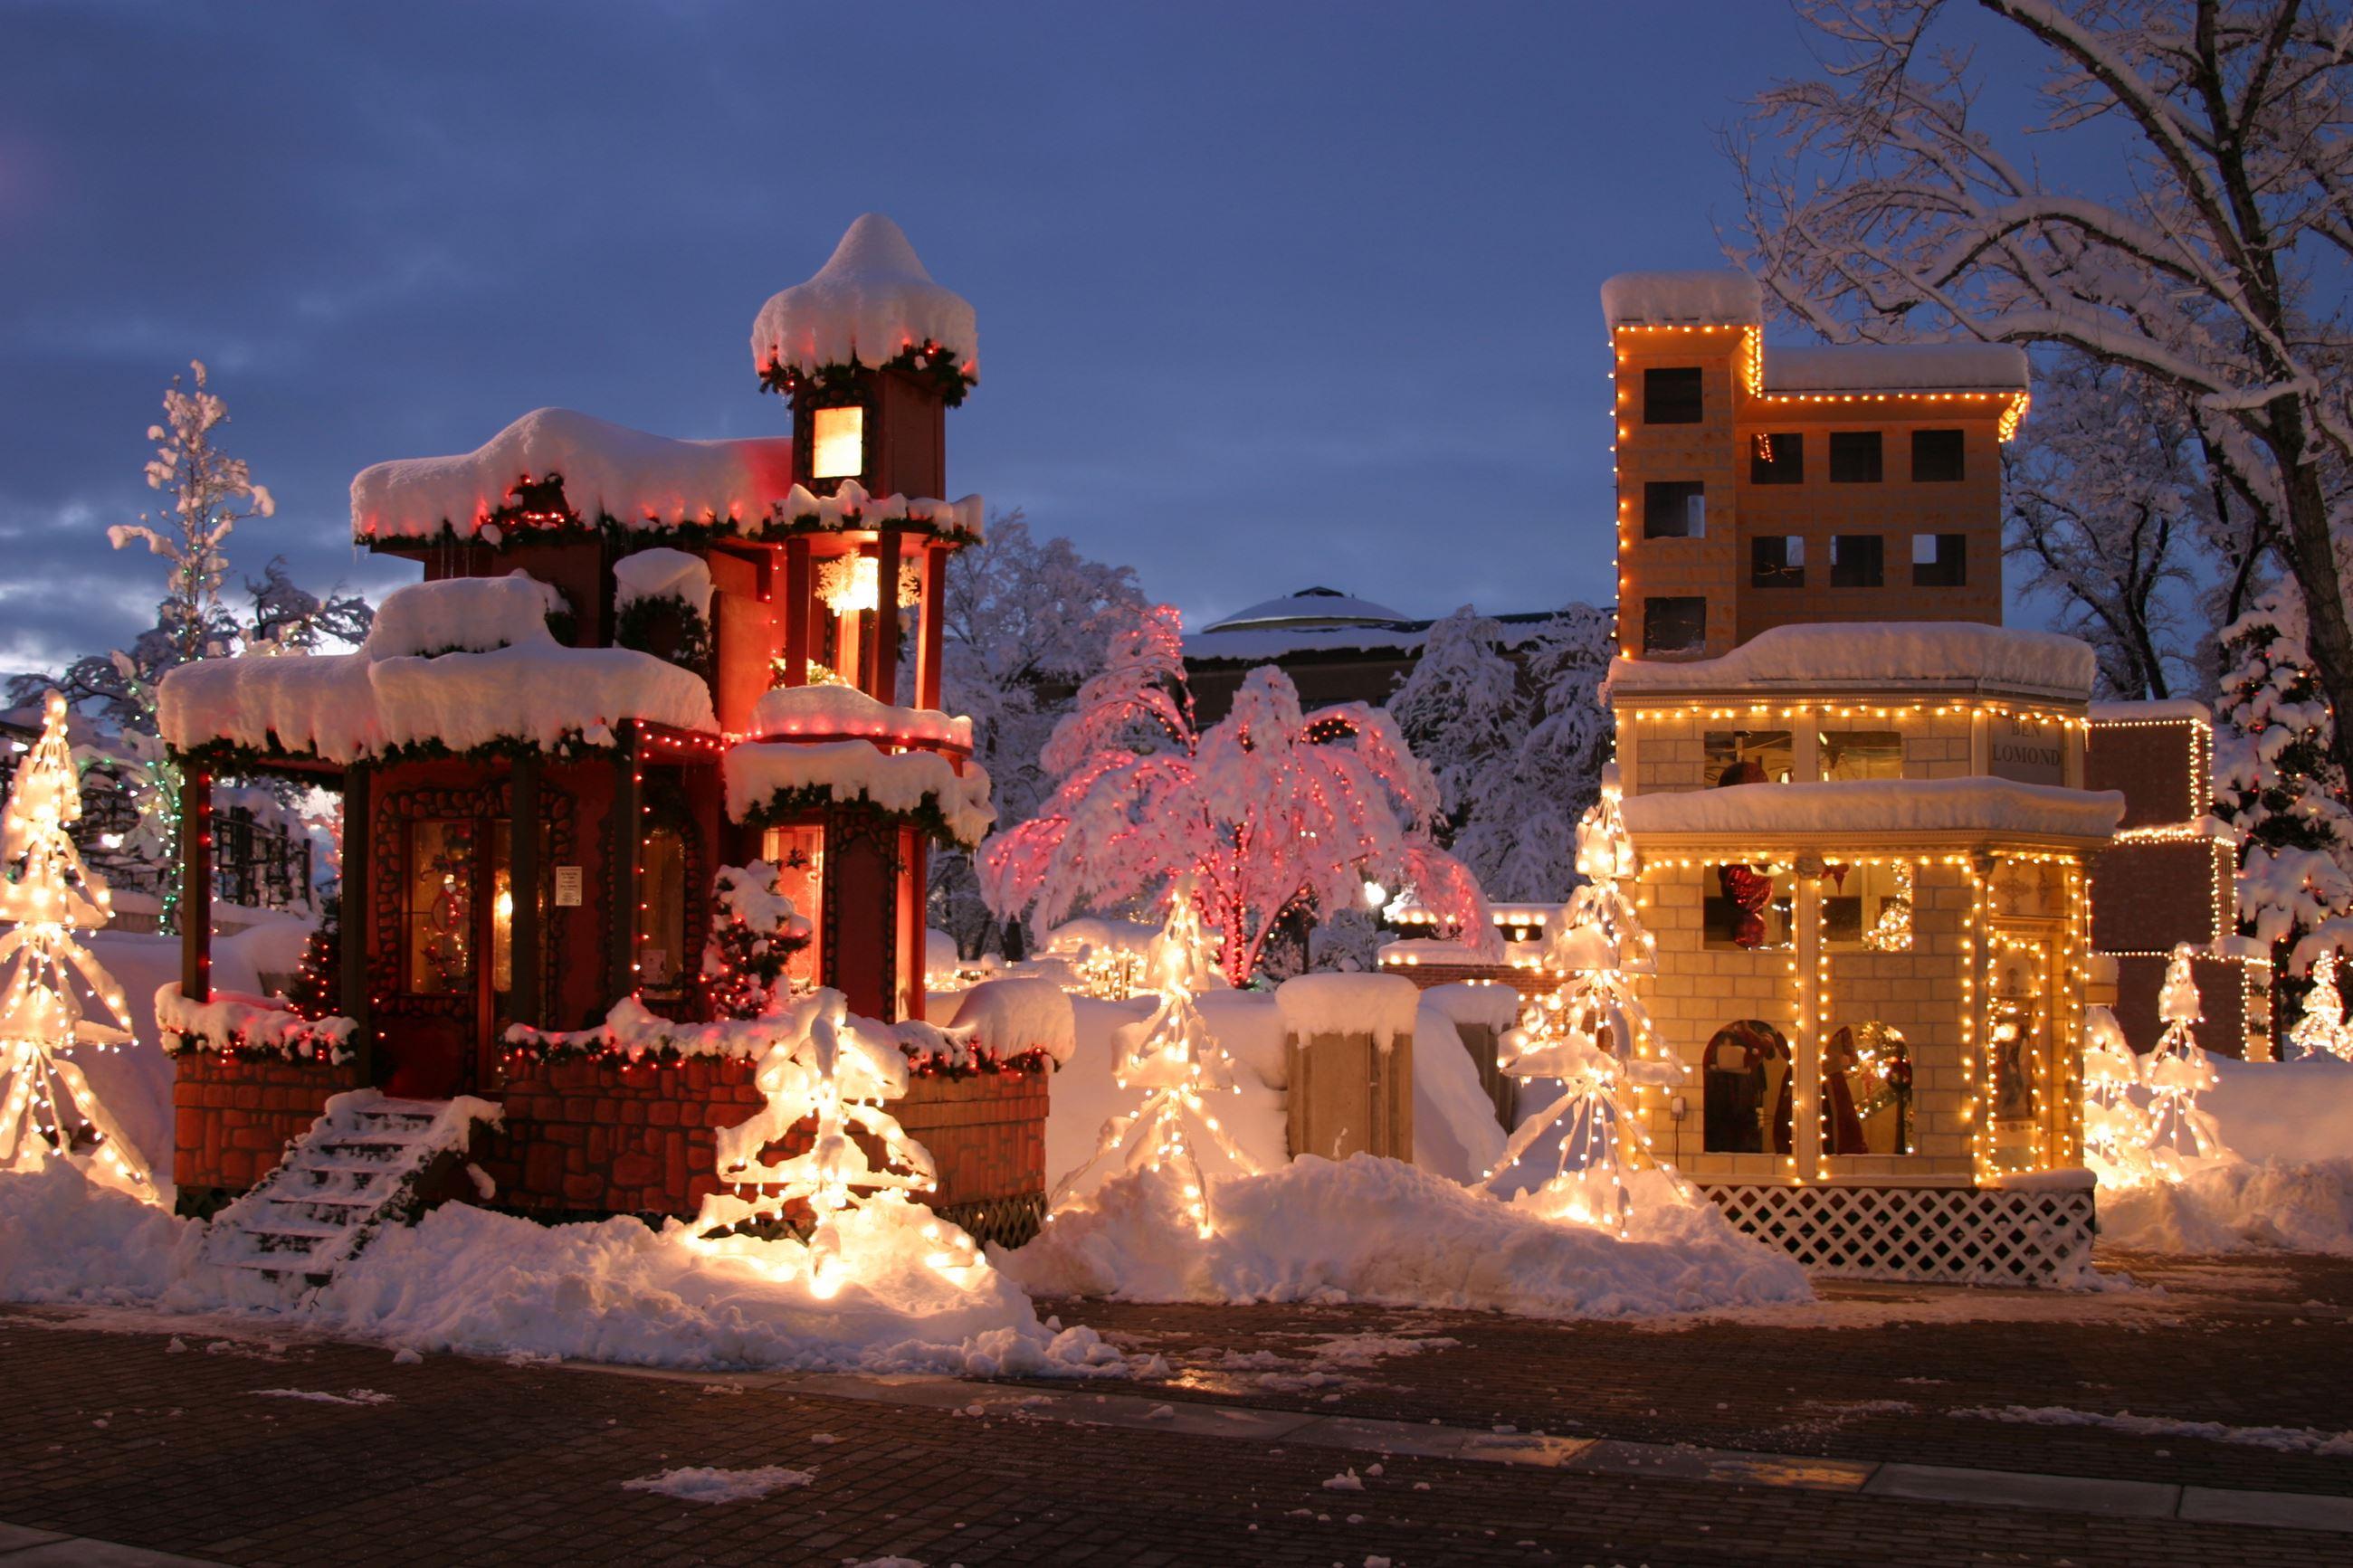 Christmas Village | Ogden, UT